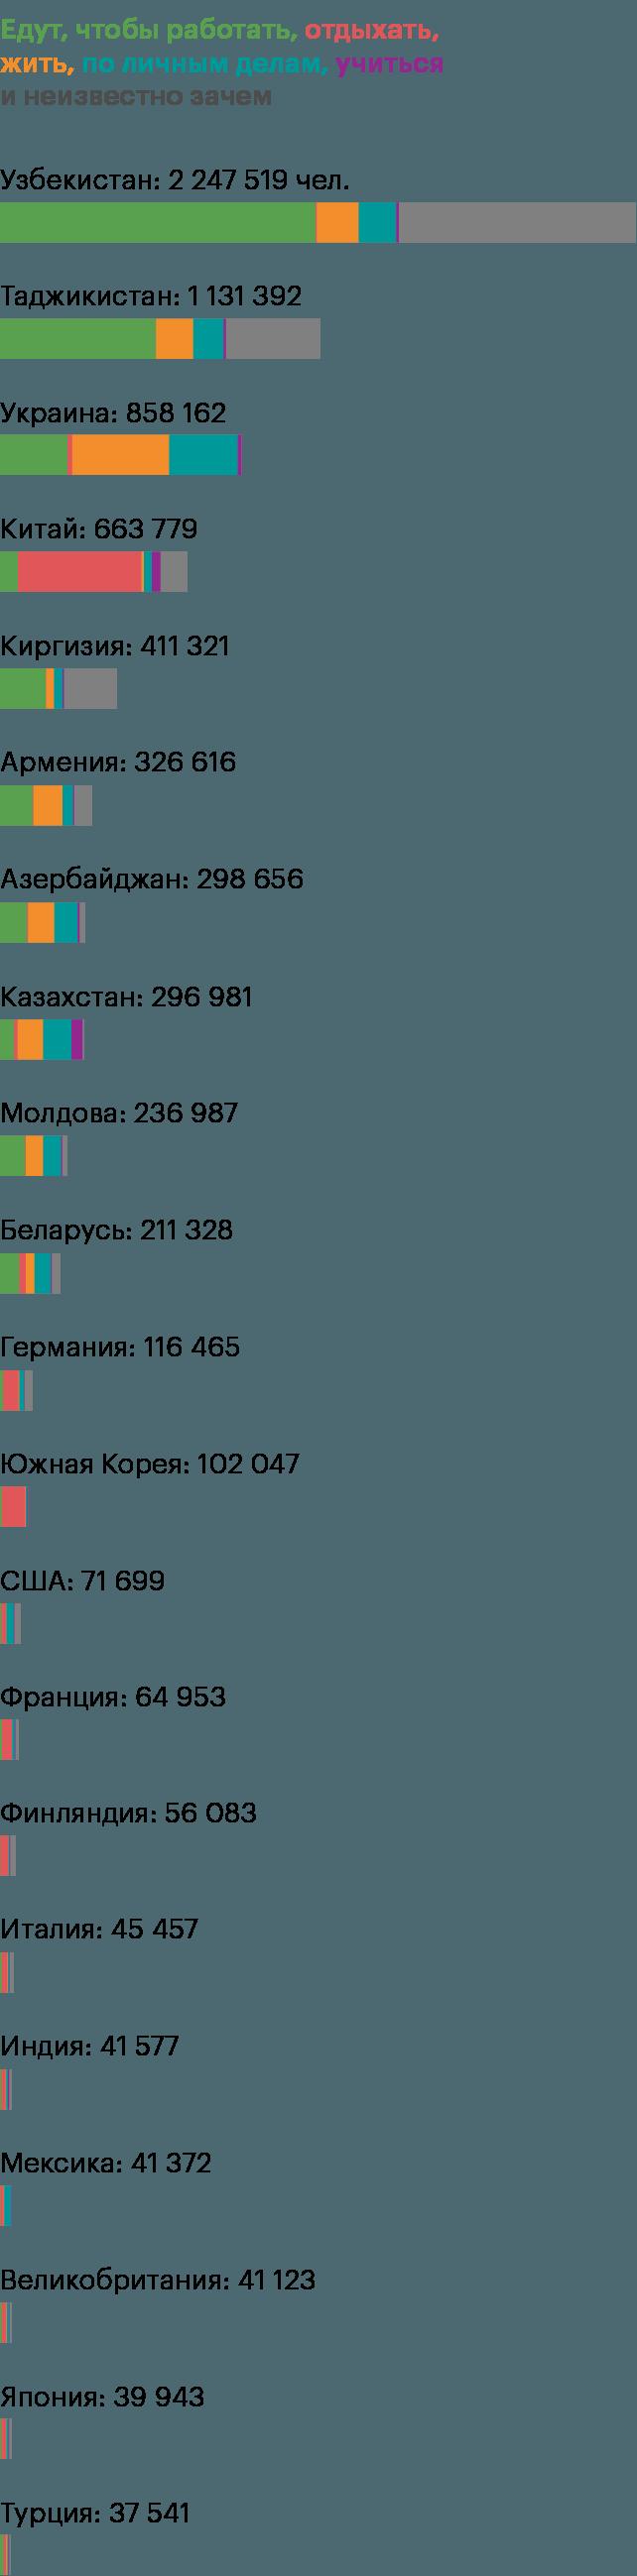 Трудовые мигранты и туристы в России